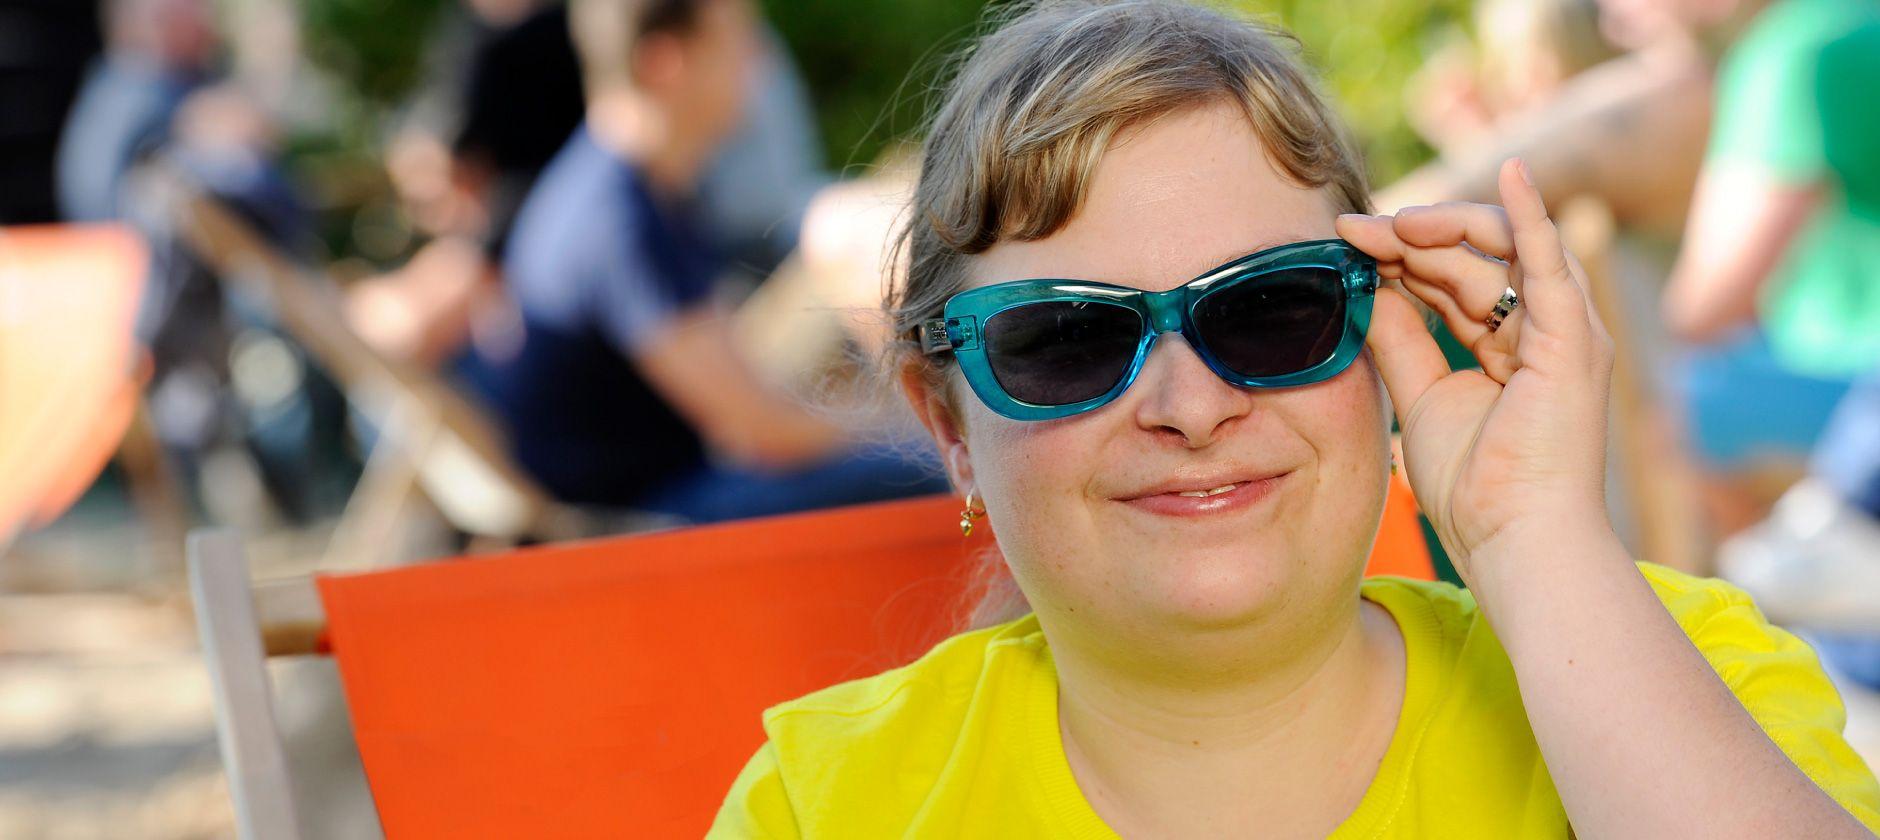 Frau mit Sonnenbrille im Liegestuhl